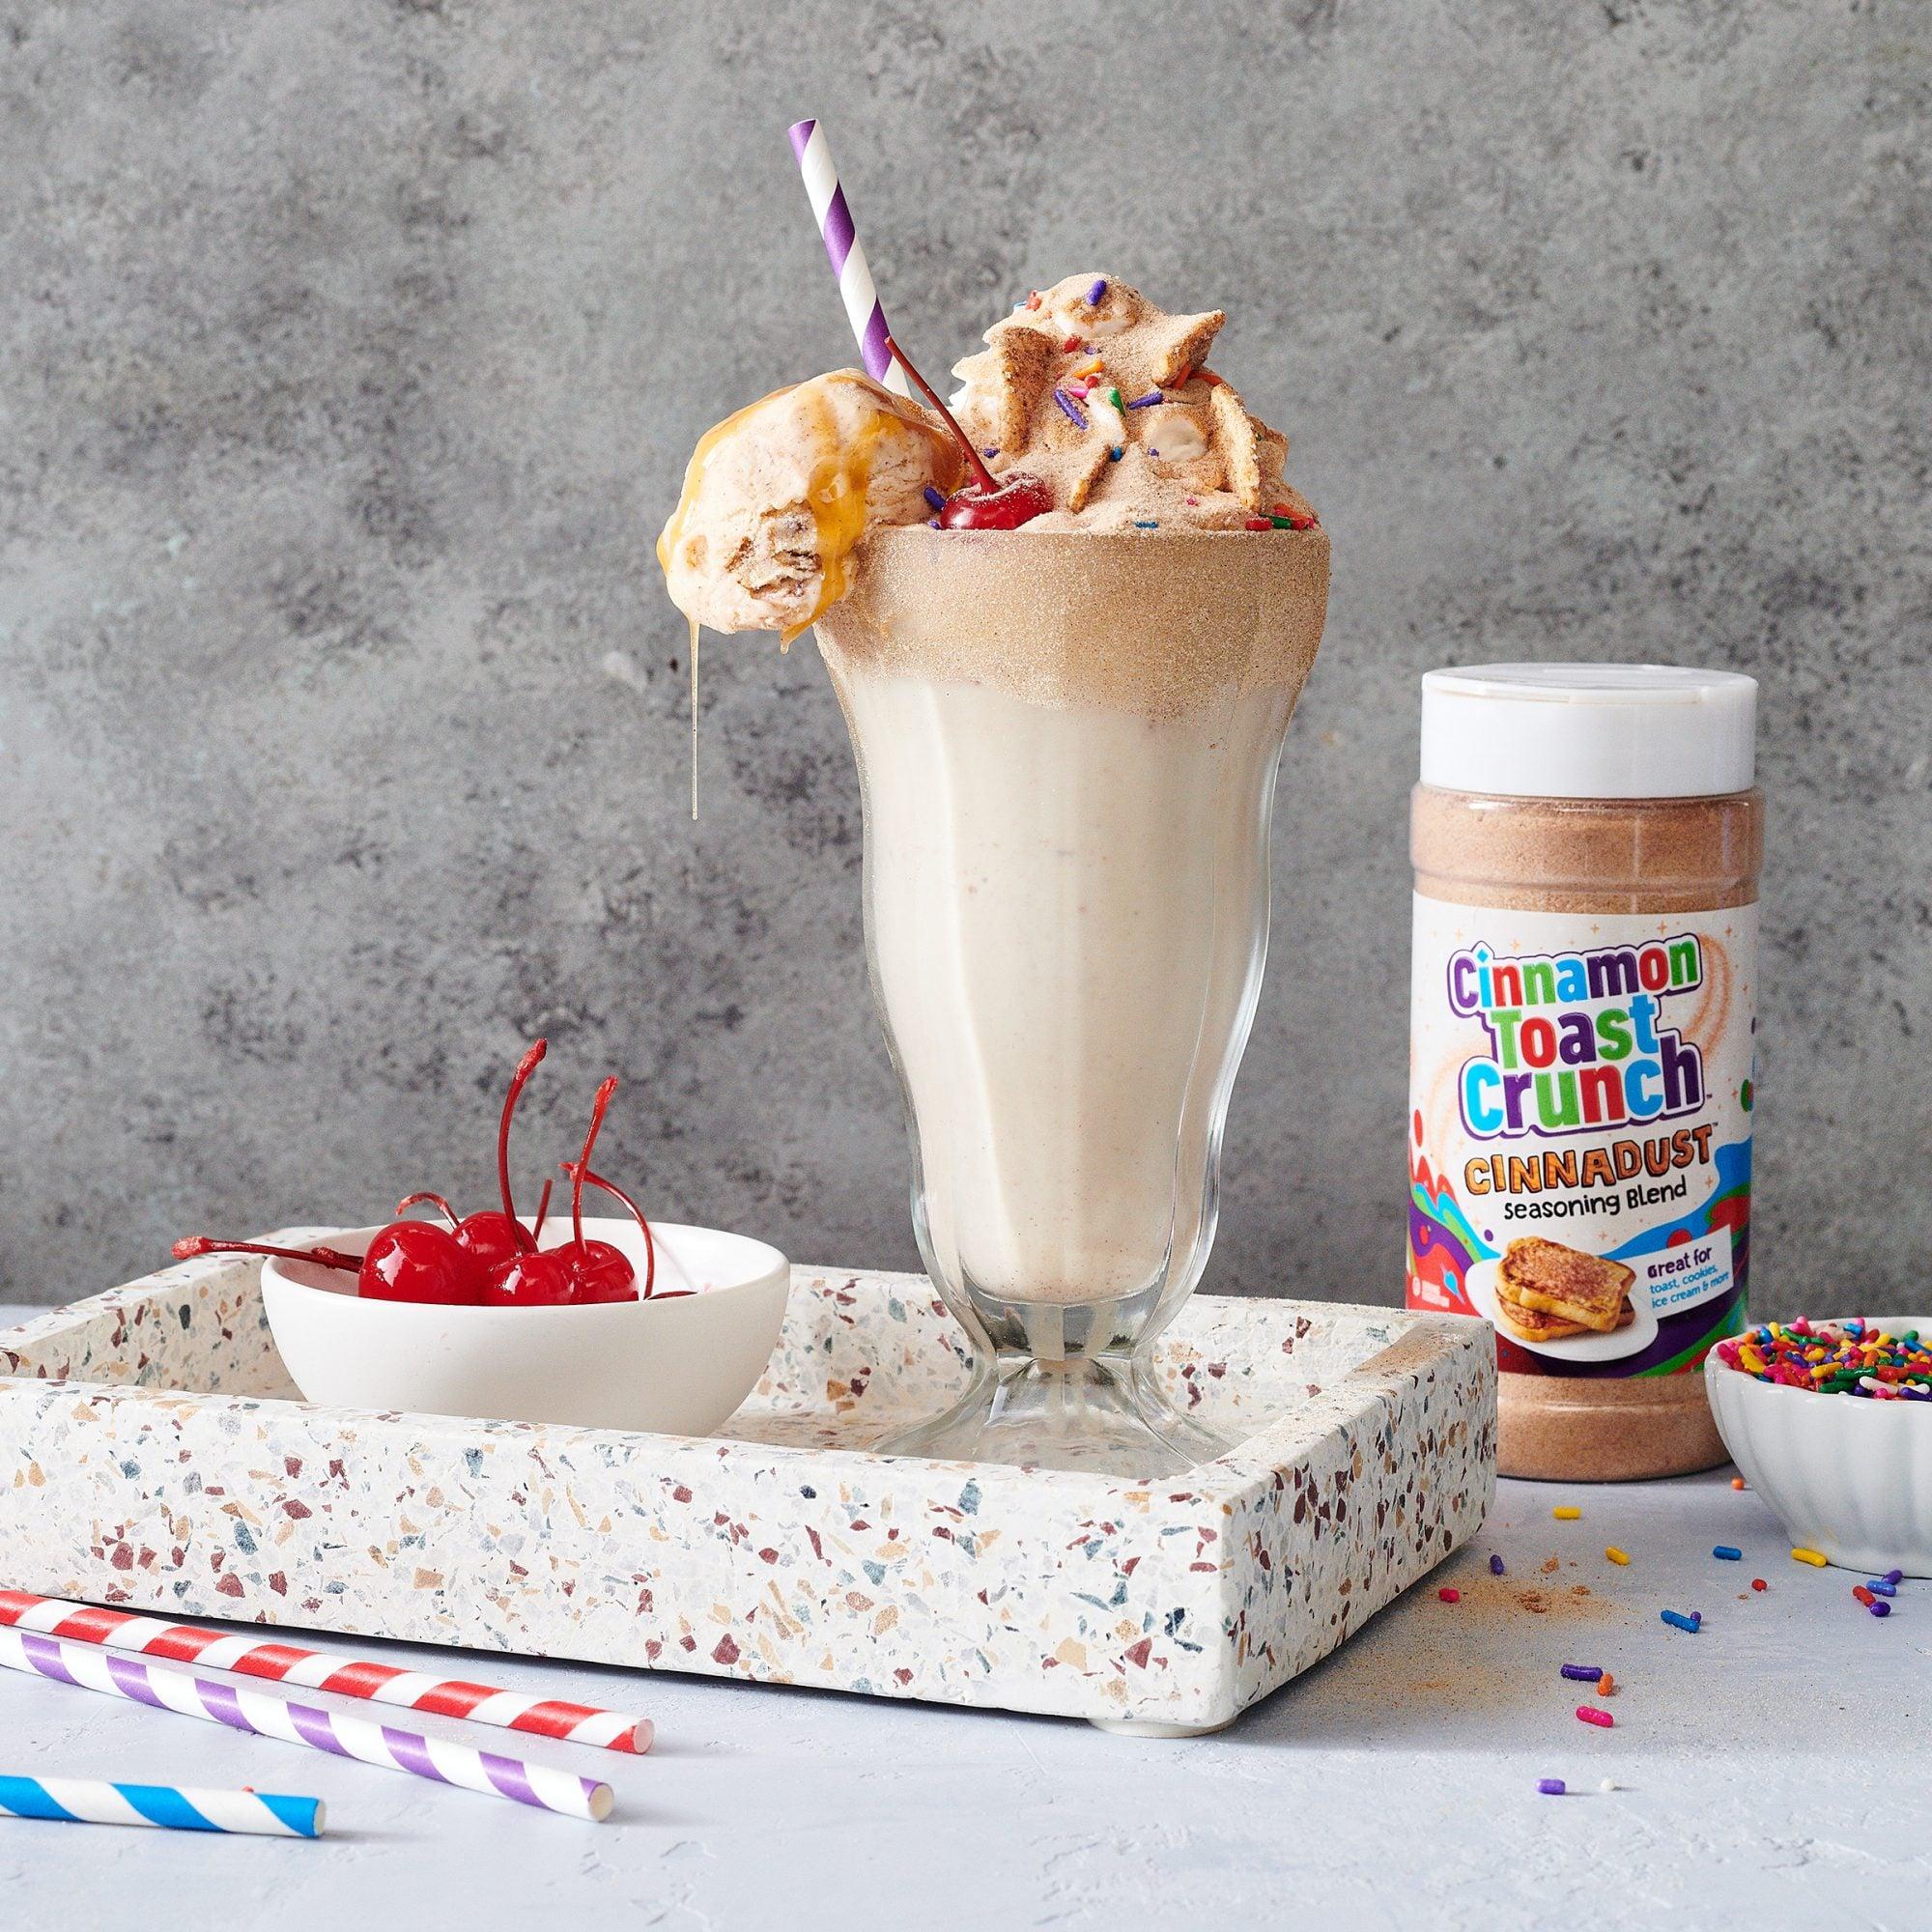 Cinnamon Toast Crunch 'Cinnadust' seasoning blend is coming in September 16